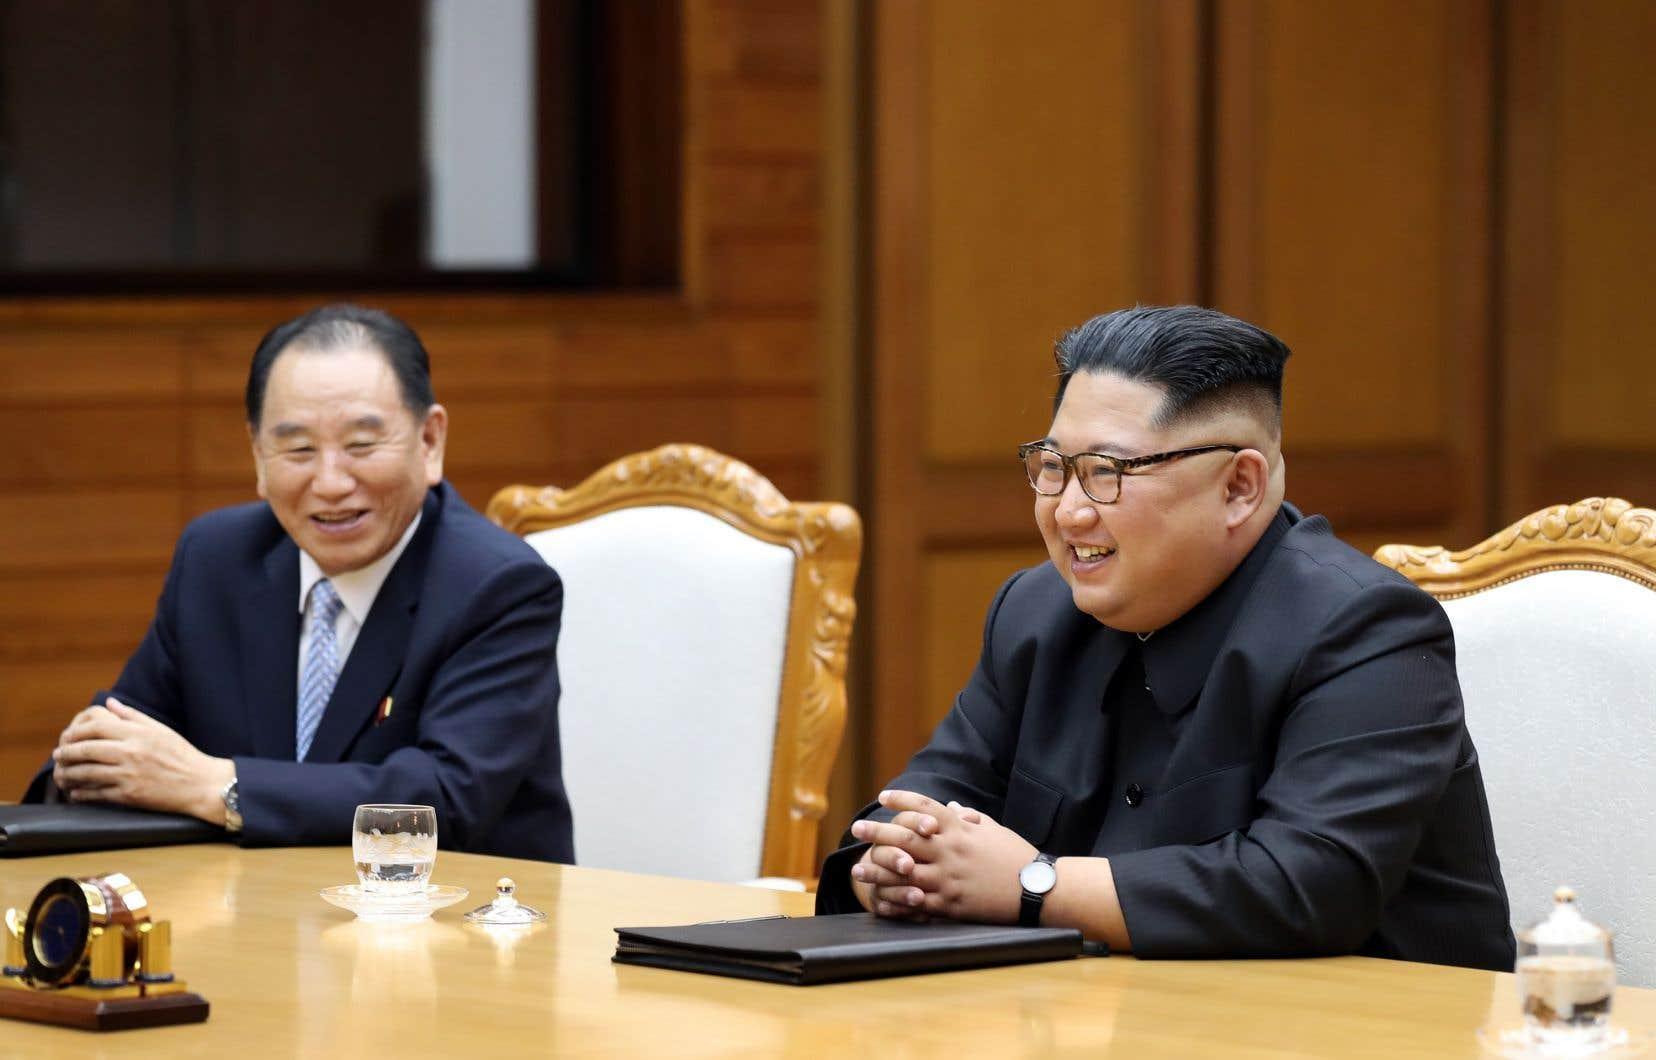 Samedi, le dirigeant nord-coréen Kim Jong-un etle président sud-coréen, Moon Jae-in,ont créé la surprise en se rencontrant dans le village de Panmunjon.